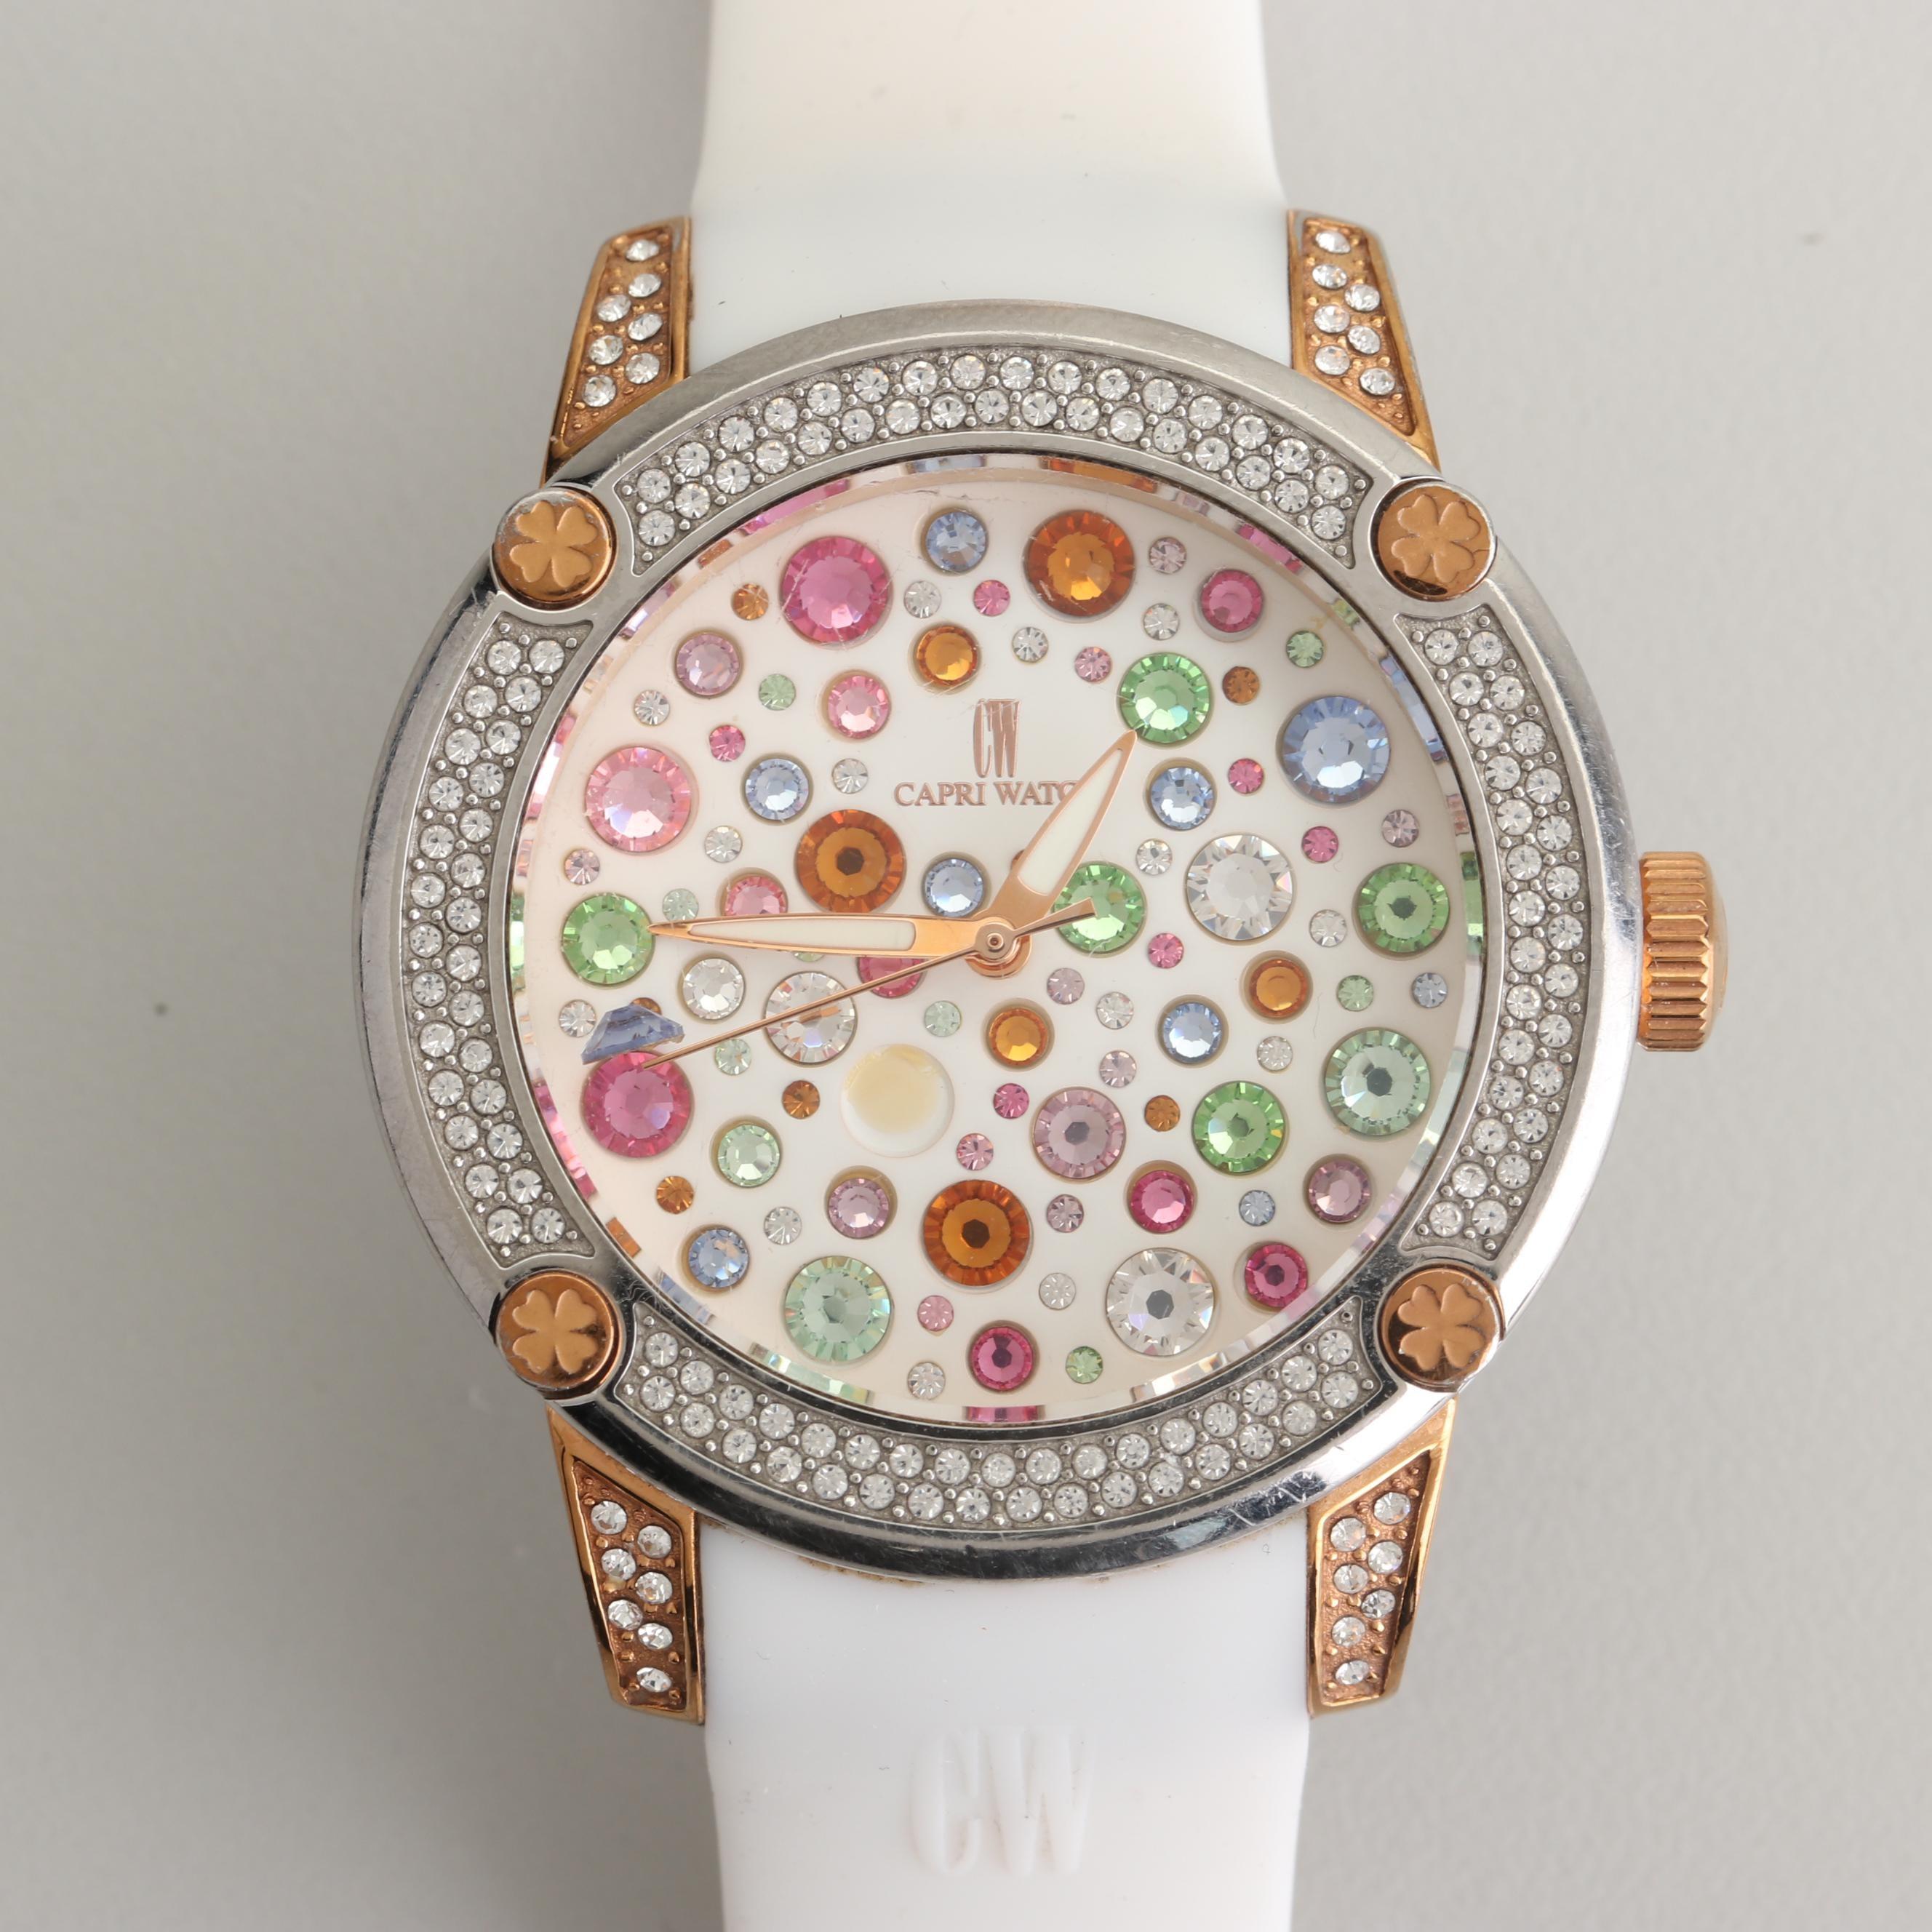 Capri by Silvio Staiano Swarovski Crystal Wristwatch